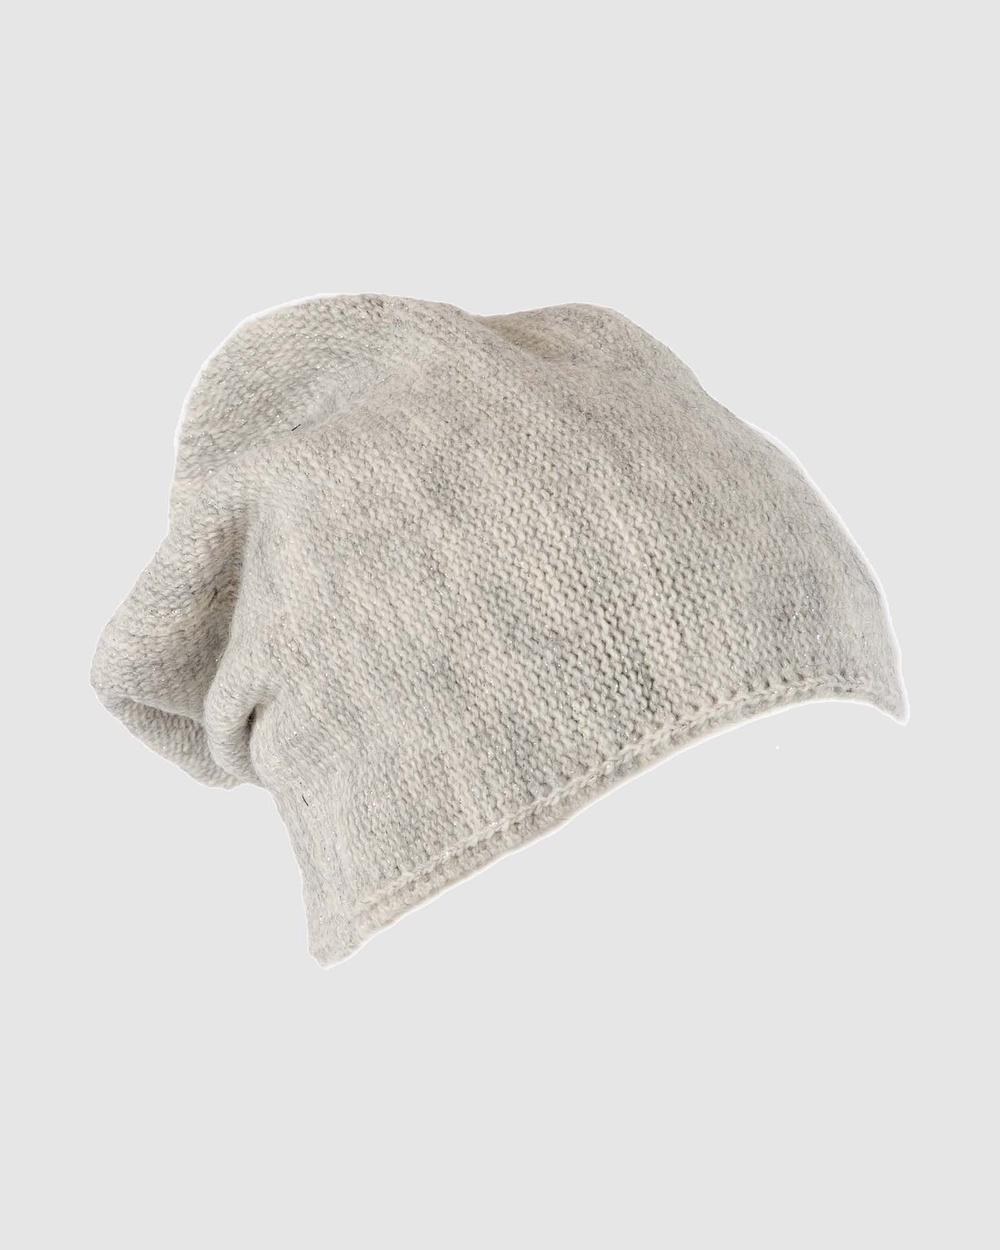 Max Alexander European Made Fashion Wool Beanie Headwear Light Grey